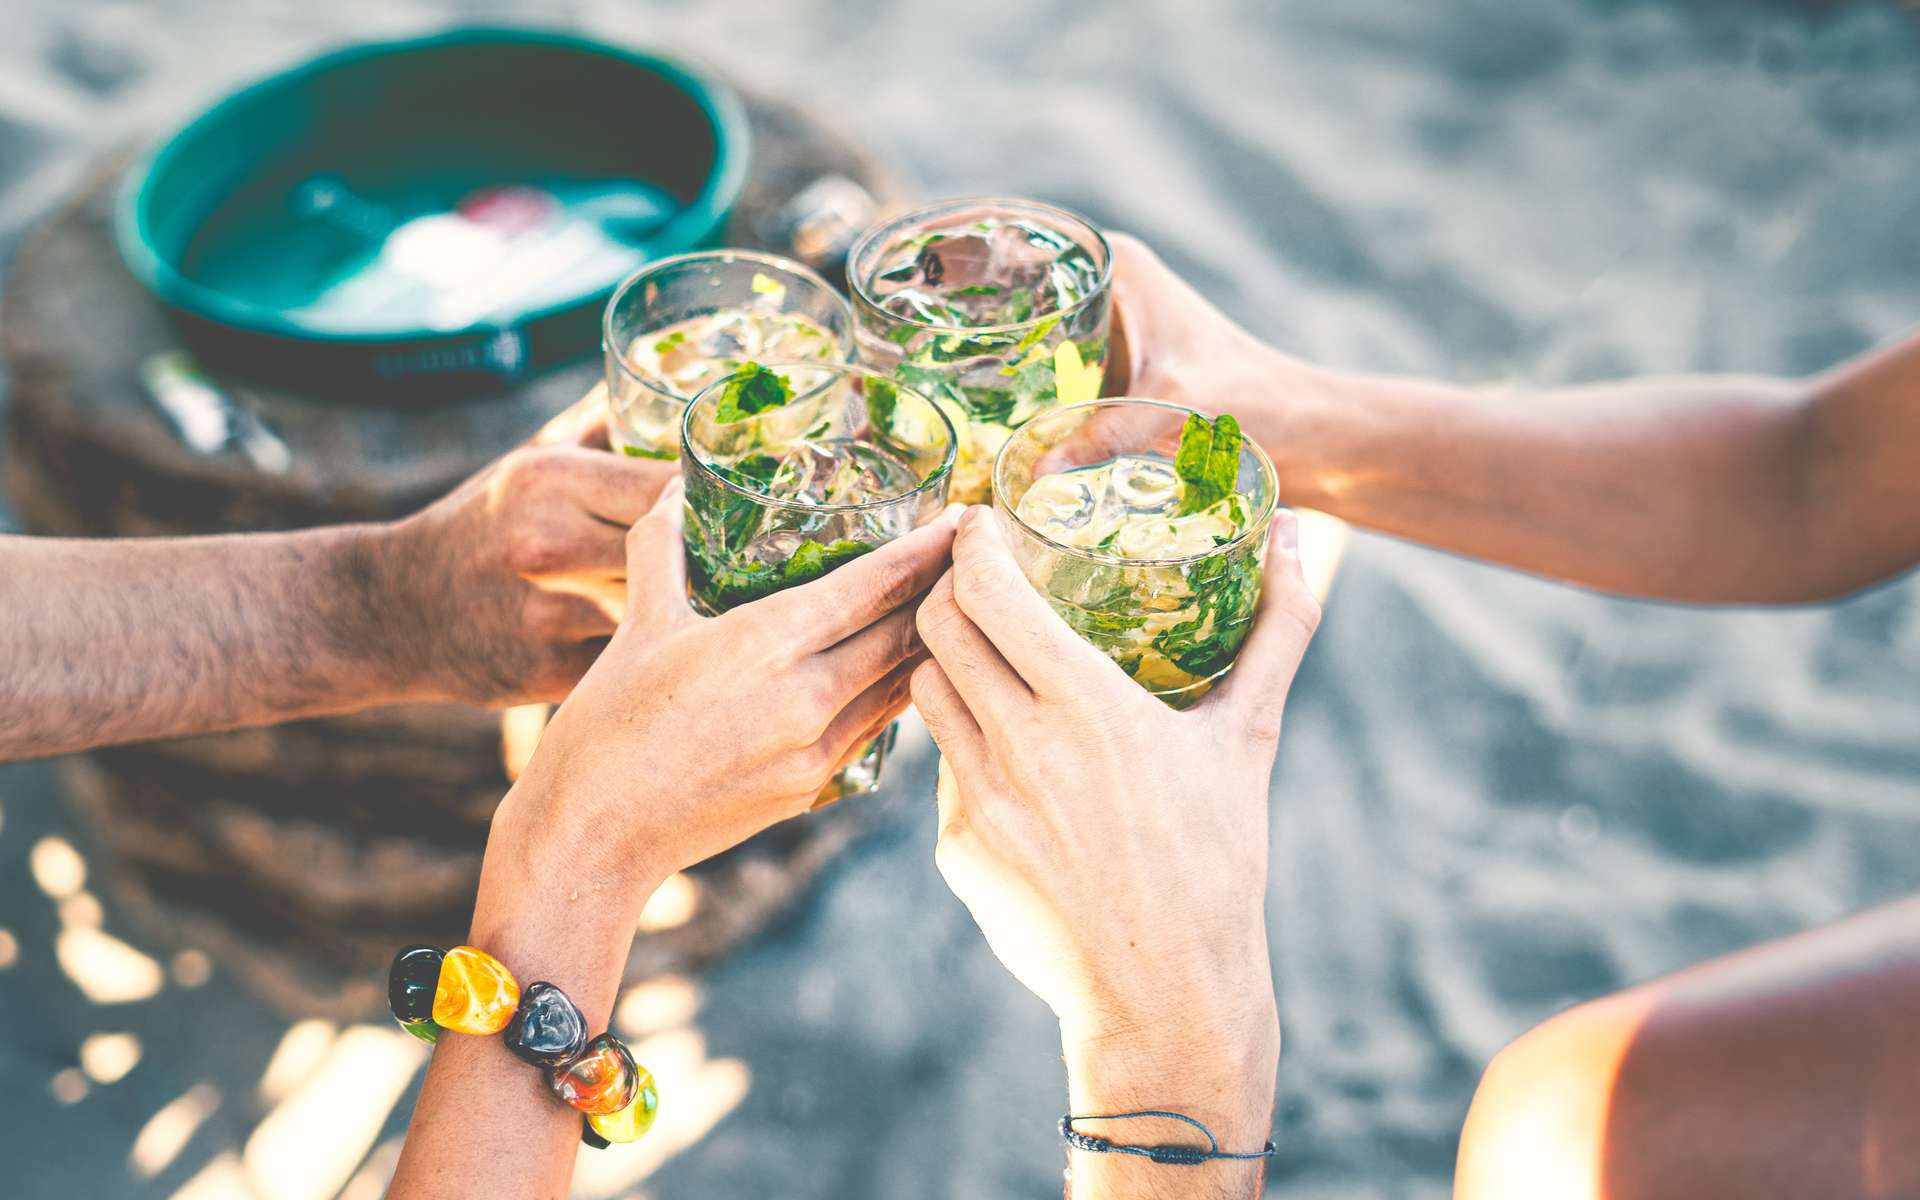 Toast entre amis au cours d'un apéritif. Ne pas oublier que l'abus d'alcool est dangereux pour la santé. À consommer toujours avec modération ! © G Lombardo, Adobe stock